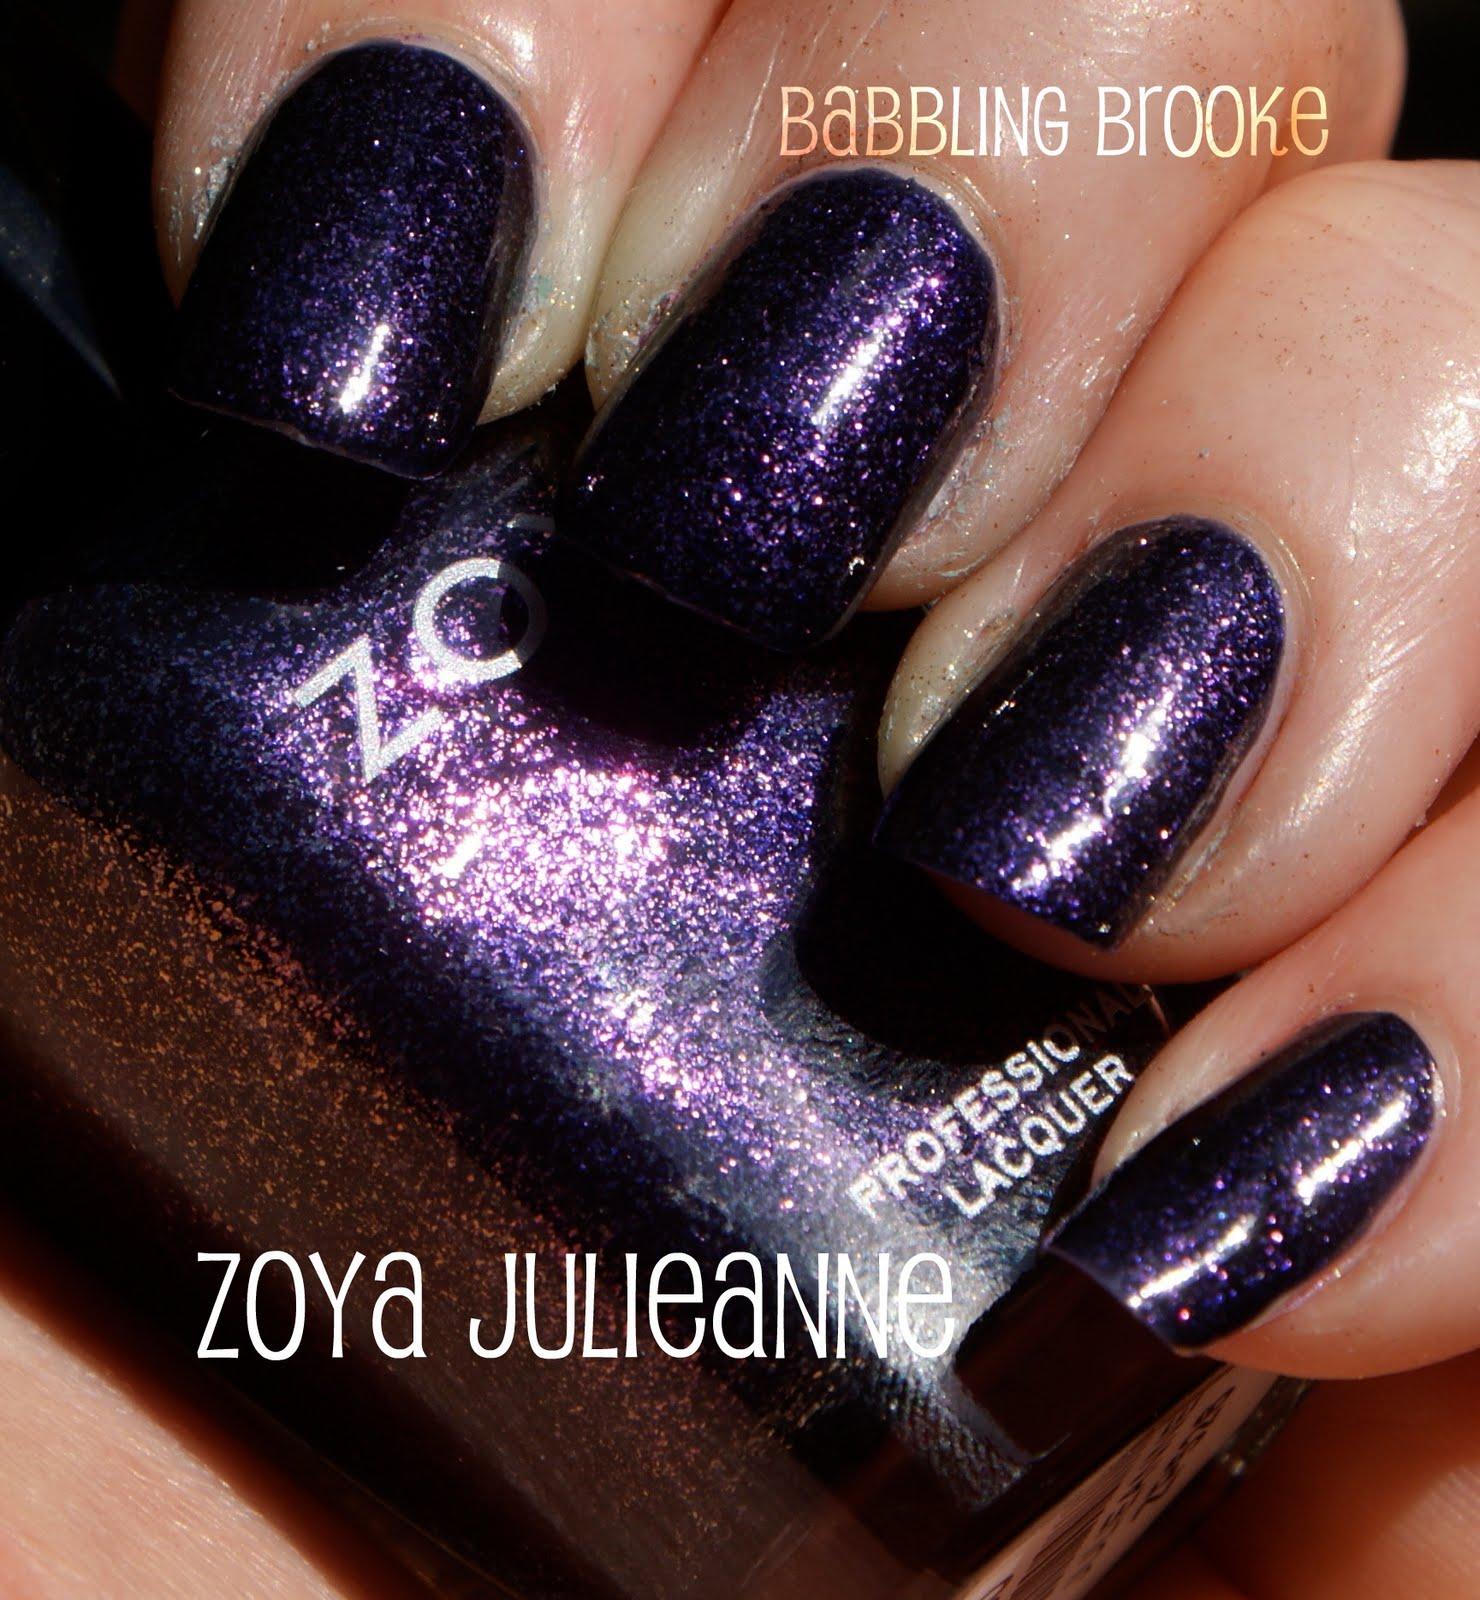 Babbling Brooke: Zoya Wicked - Fall 2010